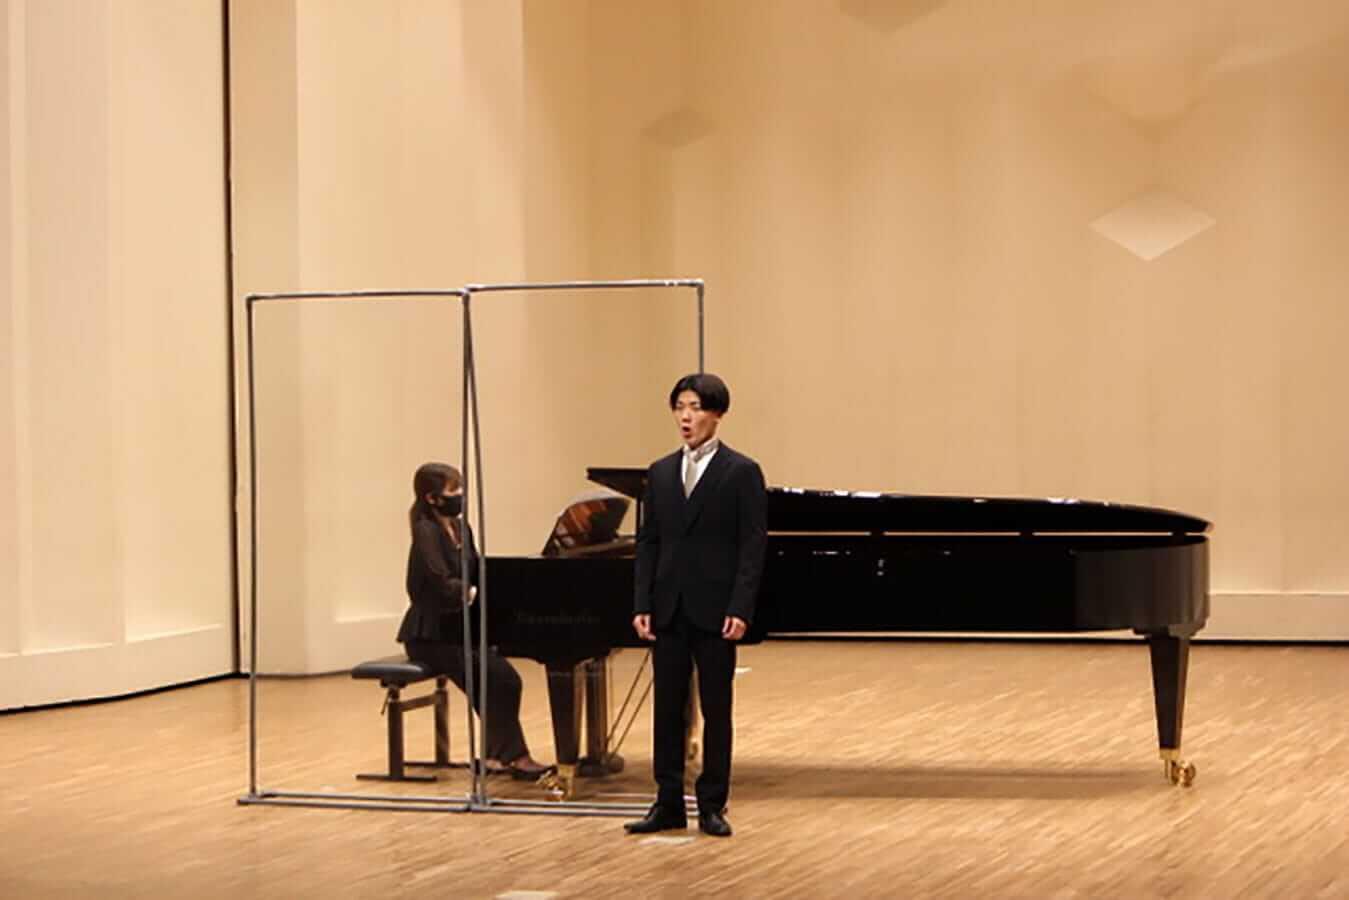 [写真]学内演奏会 ―声楽コース 1・2年次 独唱 3年次 日本歌曲―演奏風景2